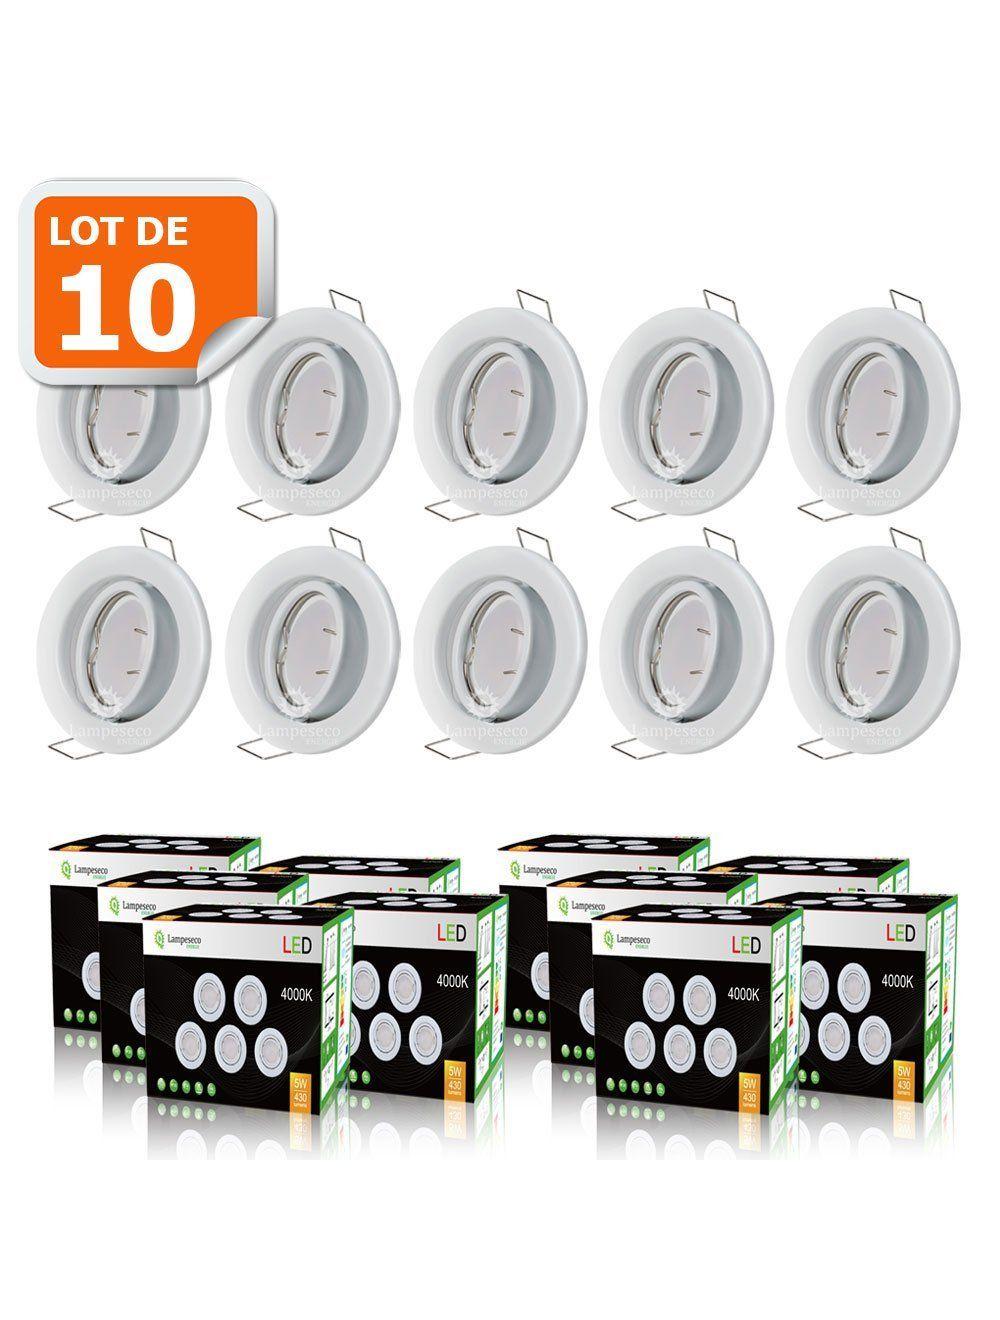 lot de 10 spot led encastrable complete orientable blanc avec ampoule gu10 230v eq 50w lumiere blanc neutre